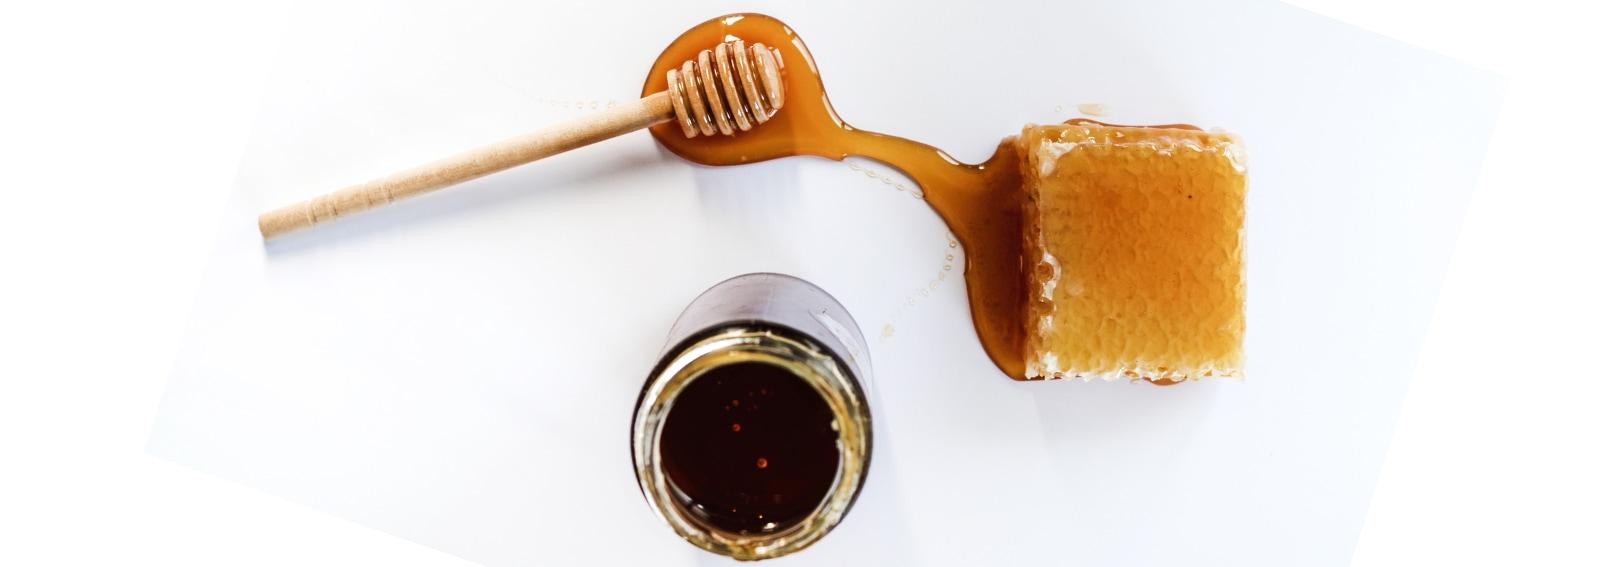 visore-dieta-mieleDESK